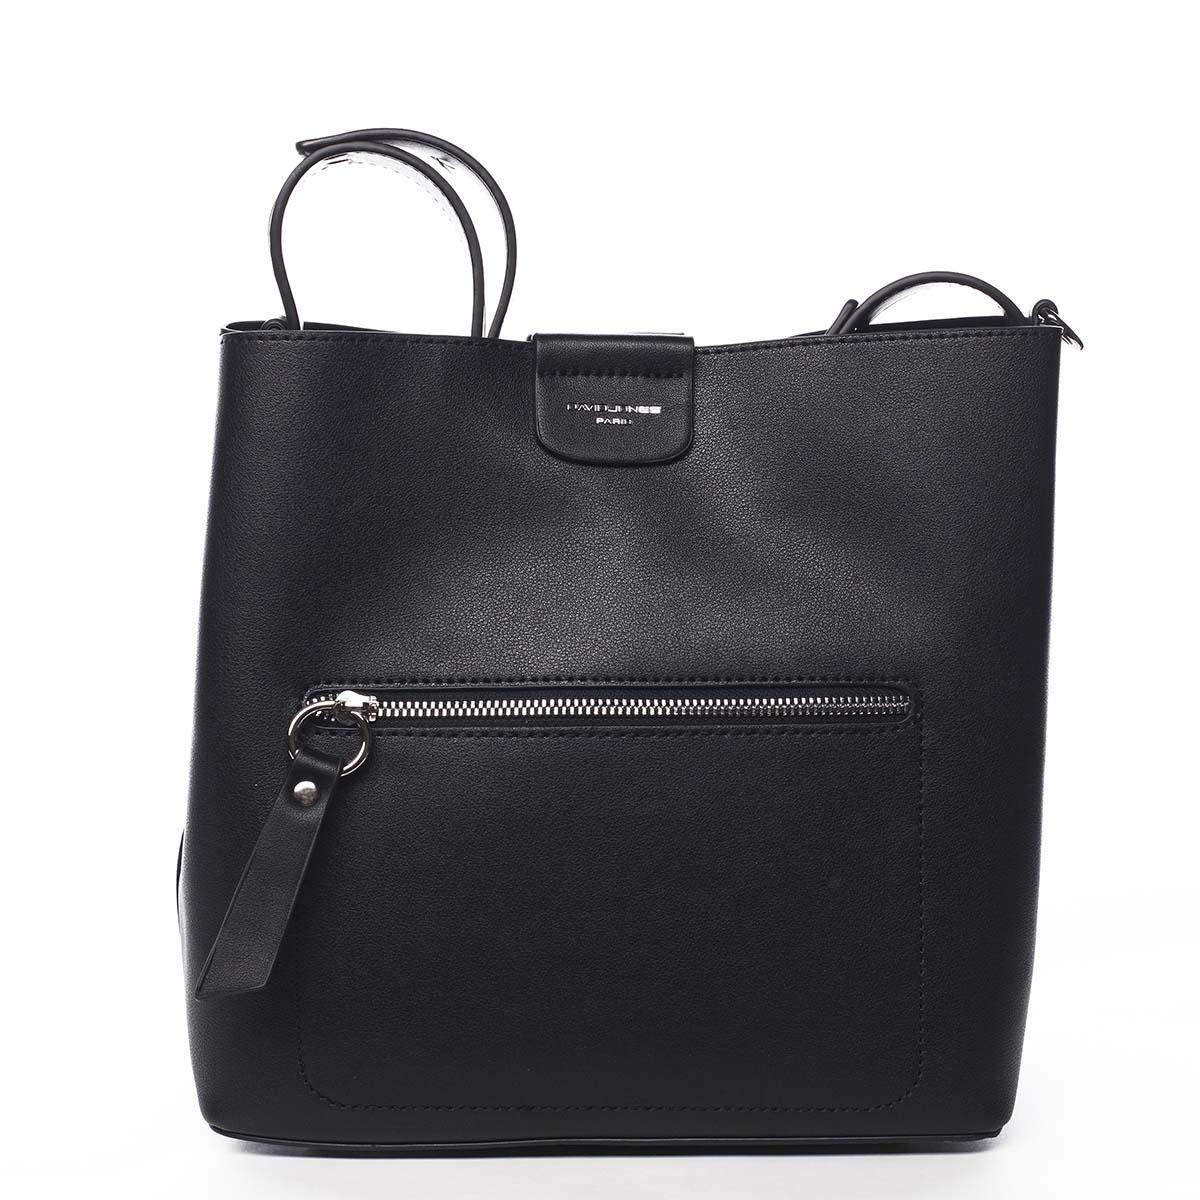 Dámská kabelka přes rameno černá - David Jones Salma černá